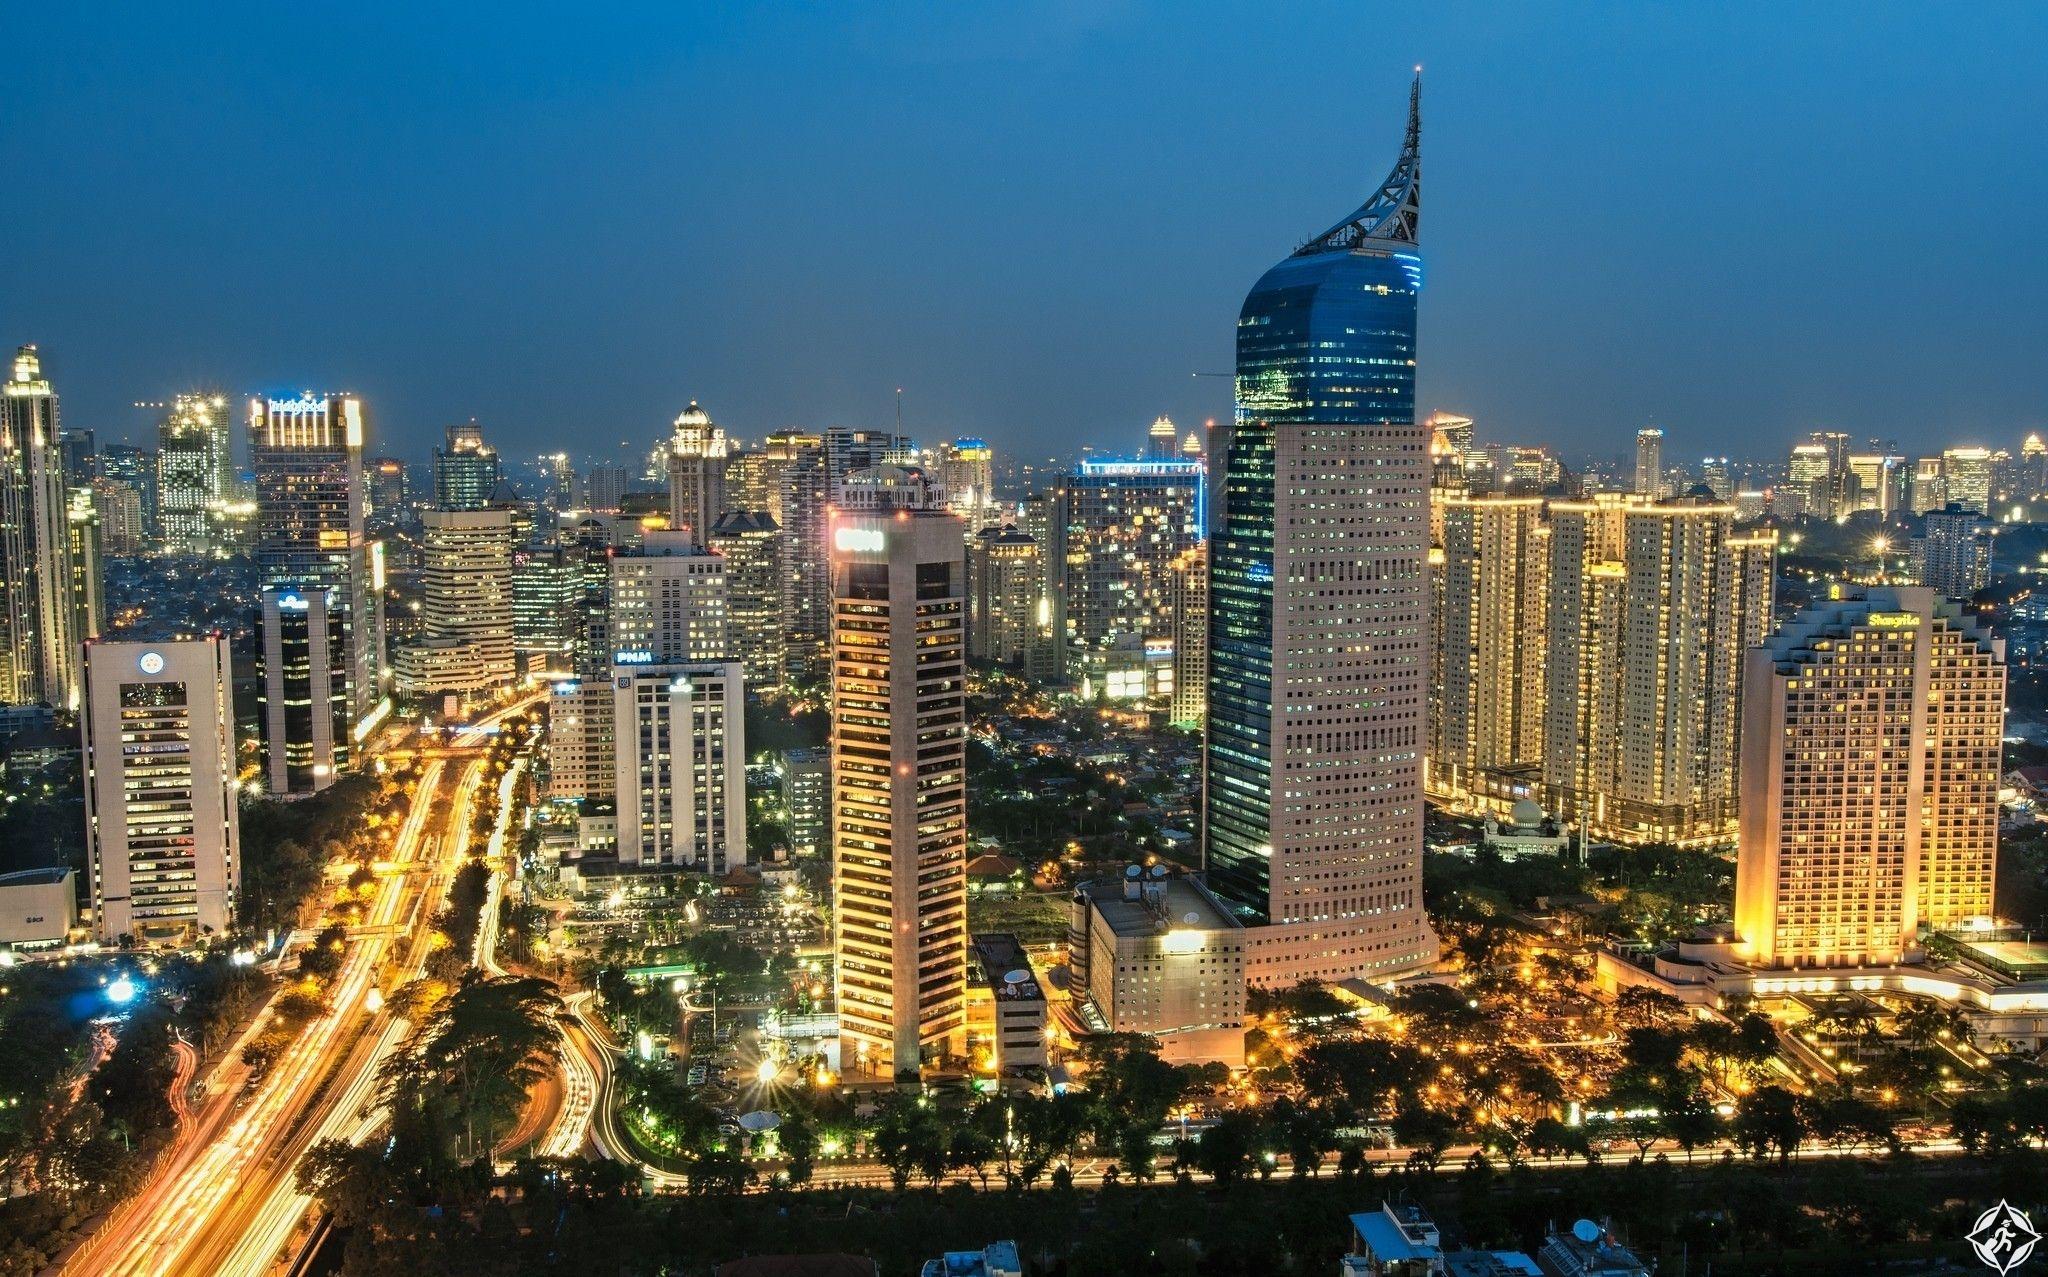 أفضل 10 مدن آسيوية للسياحة والسفر في عام 2017